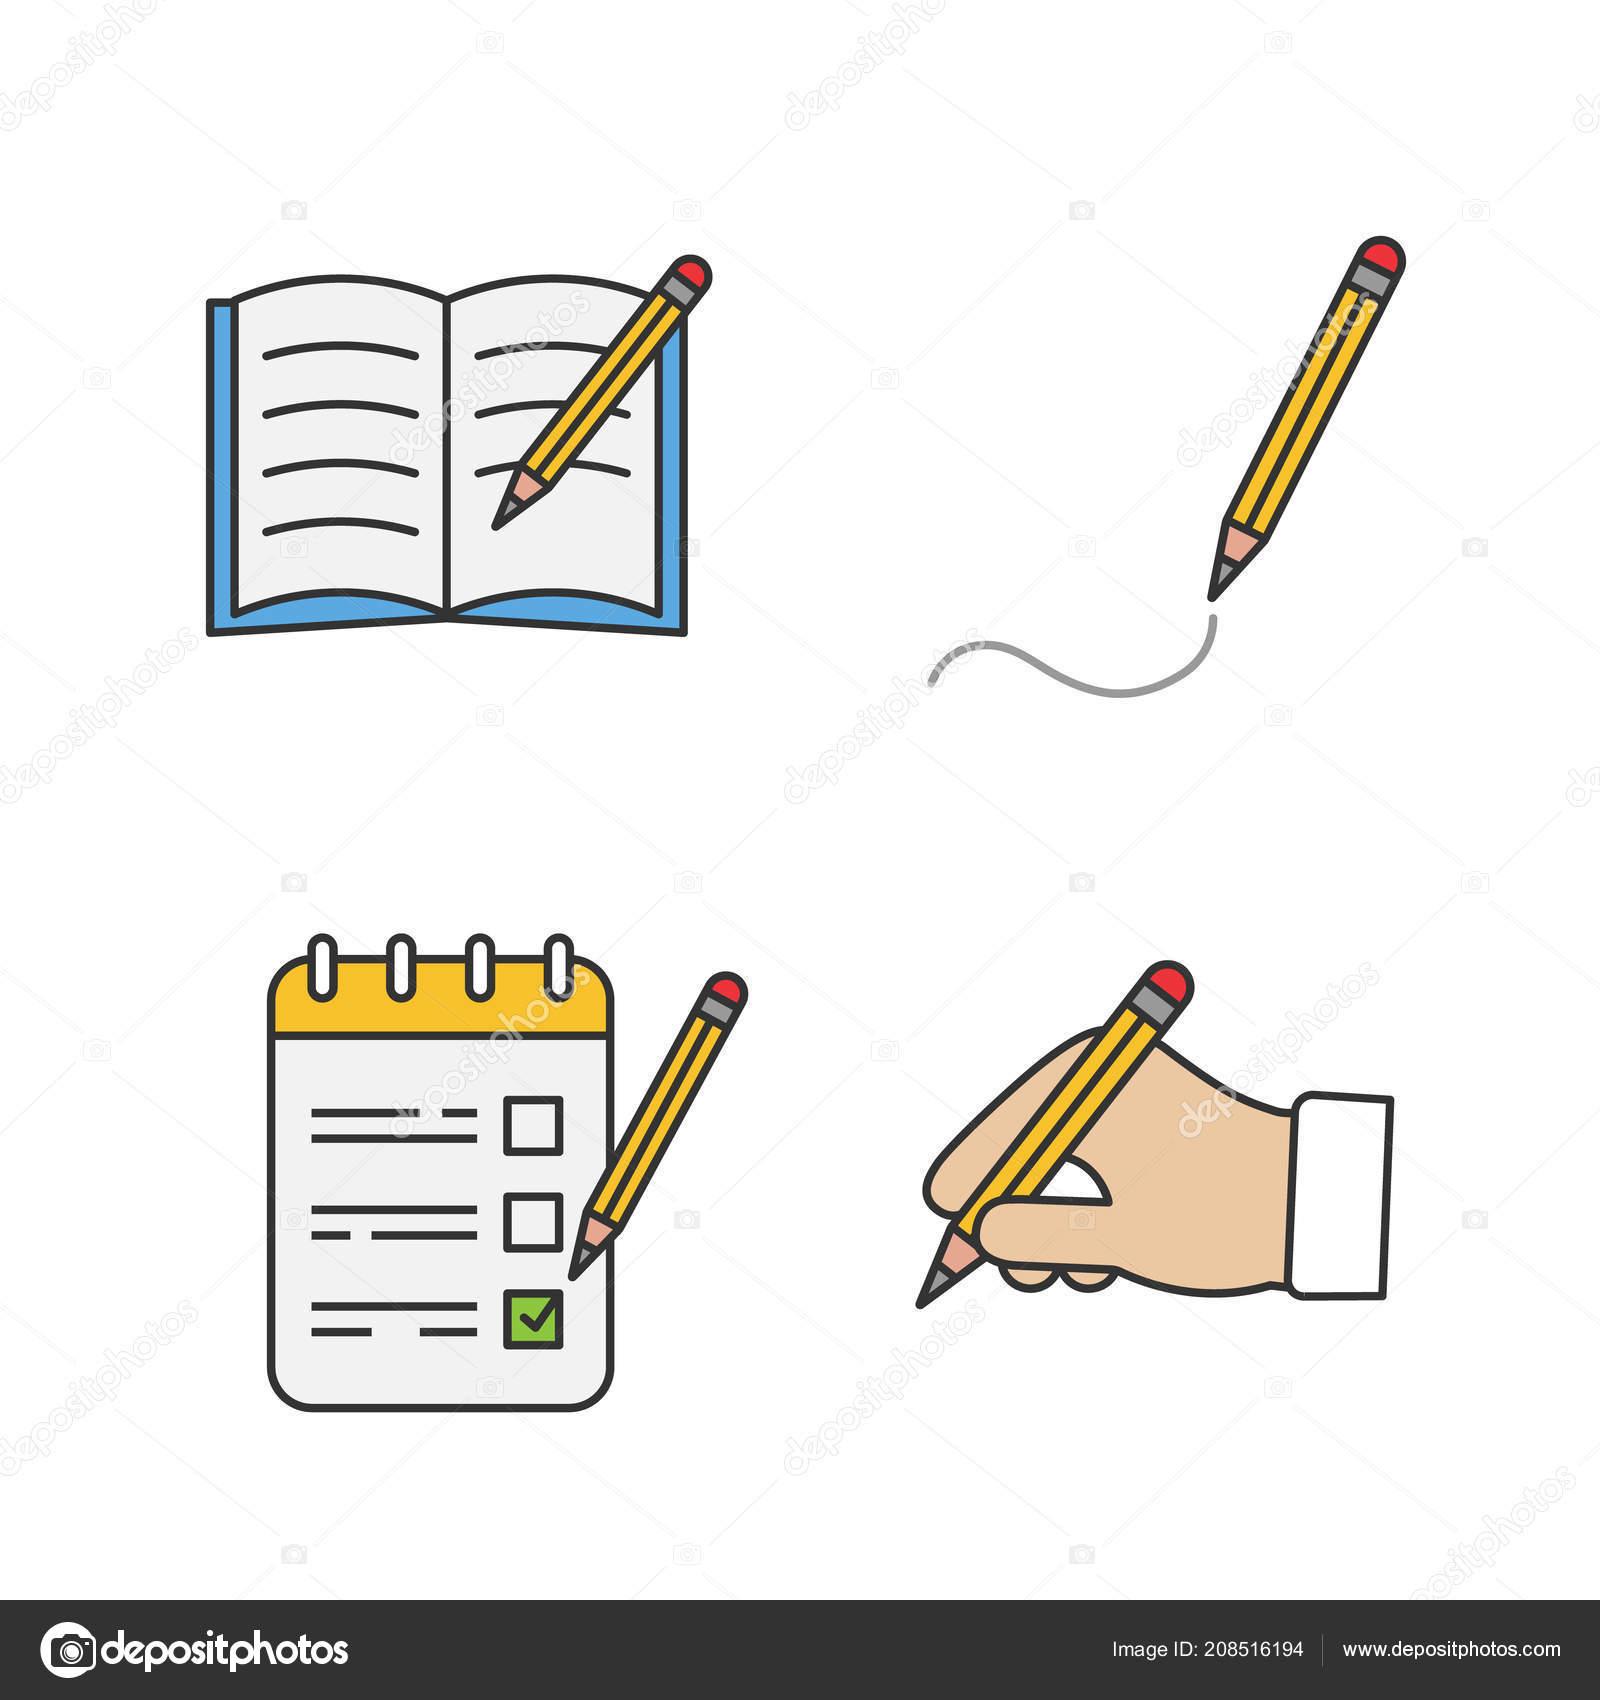 Psani Tuzkou Barevne Ikony Set Kopirovani Knihy Kresba Seznam Ukolu